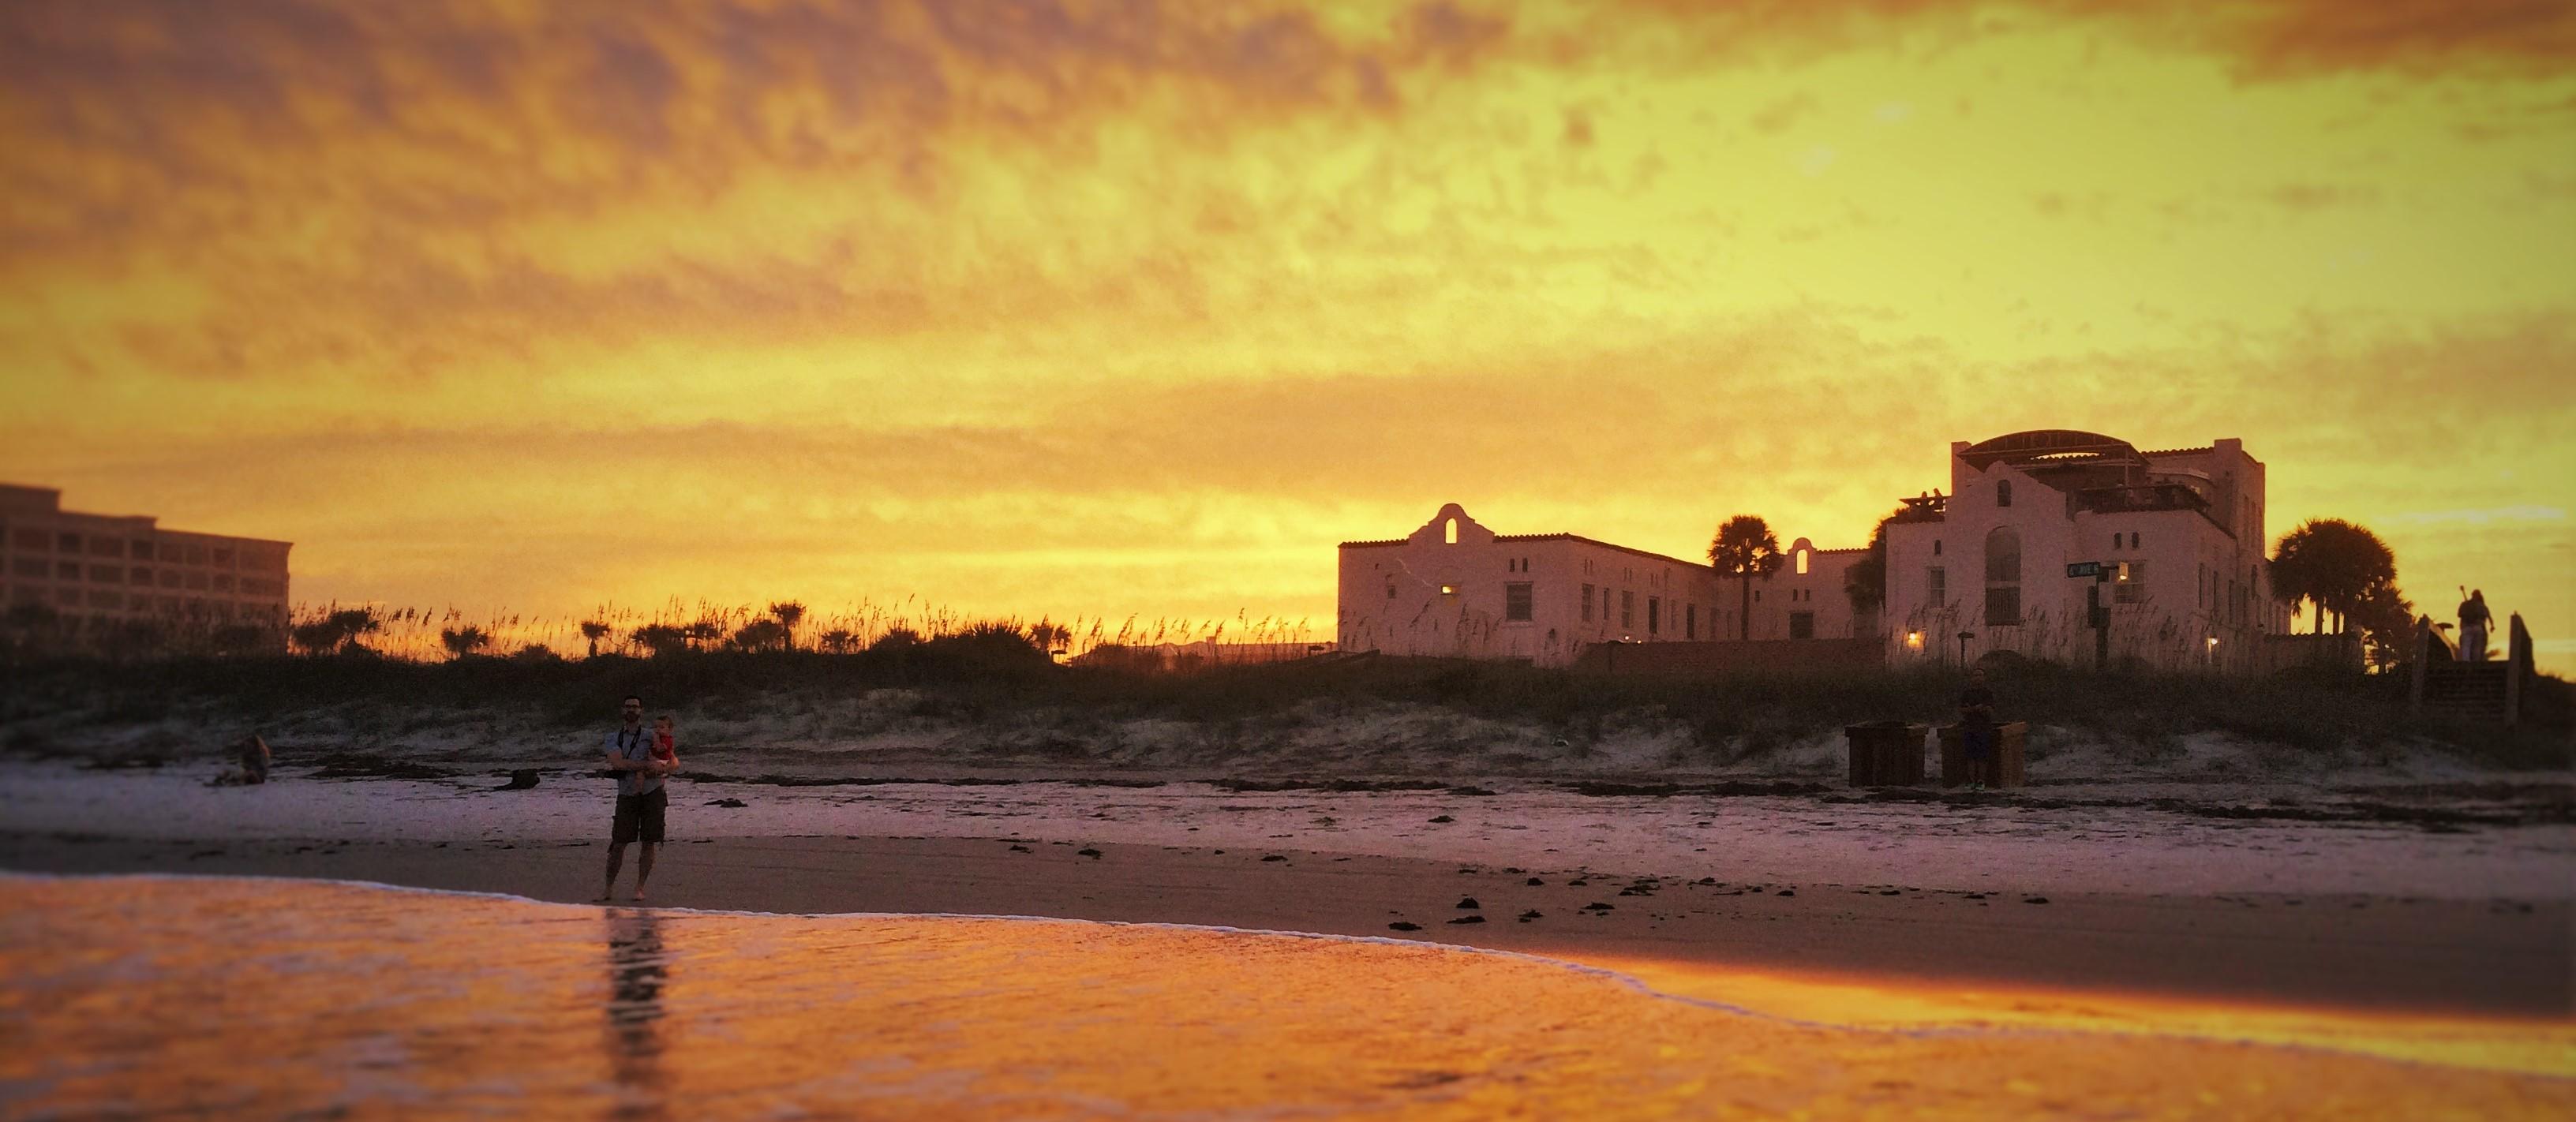 Chris Taylor and Casa Marina Sunset 8 header